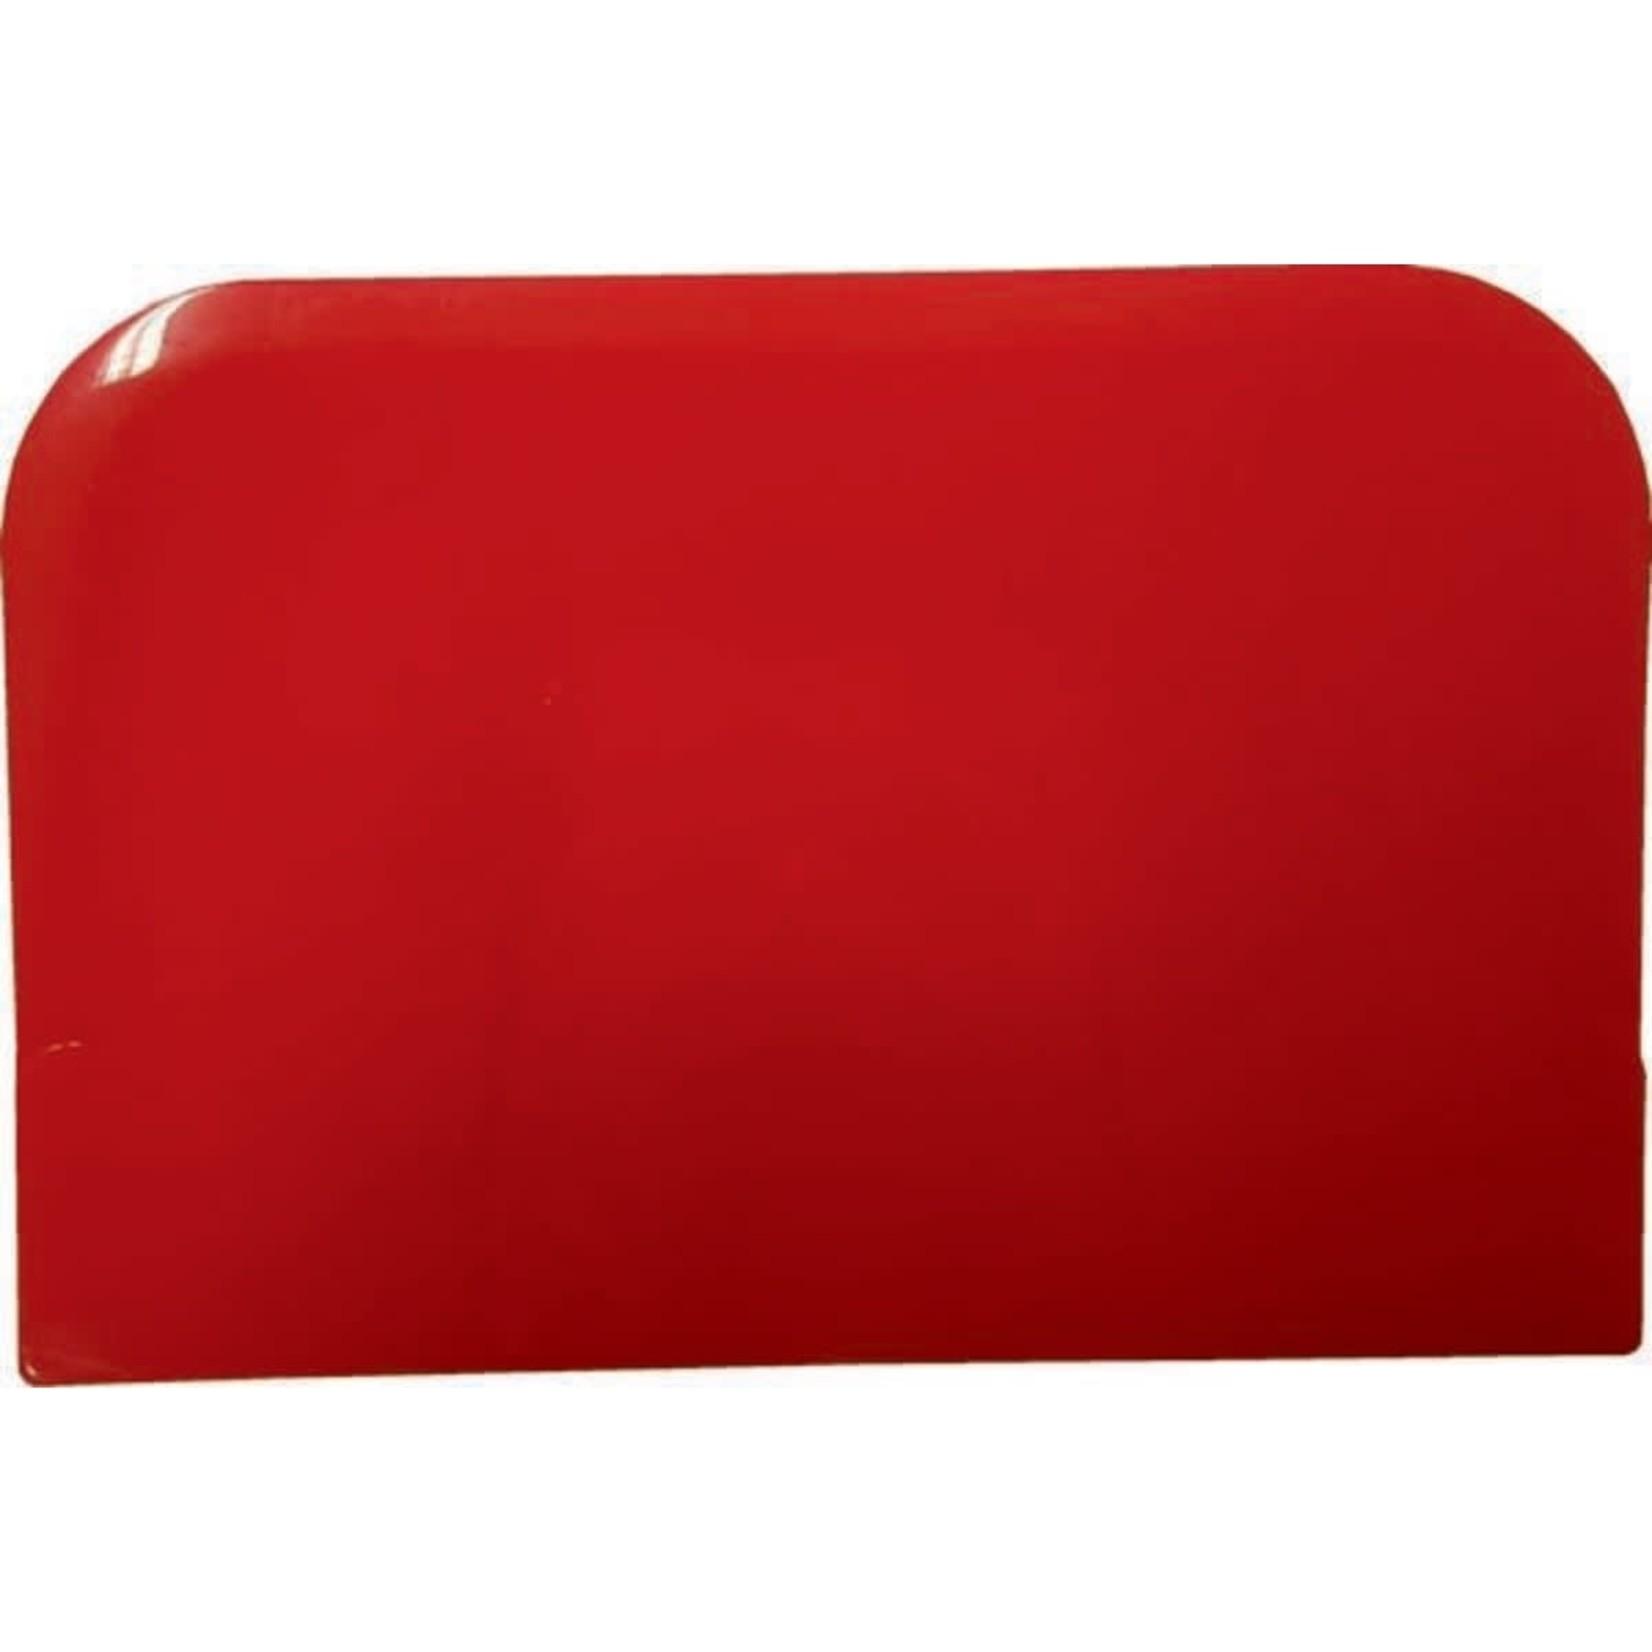 Deegschraper rechthoek rood